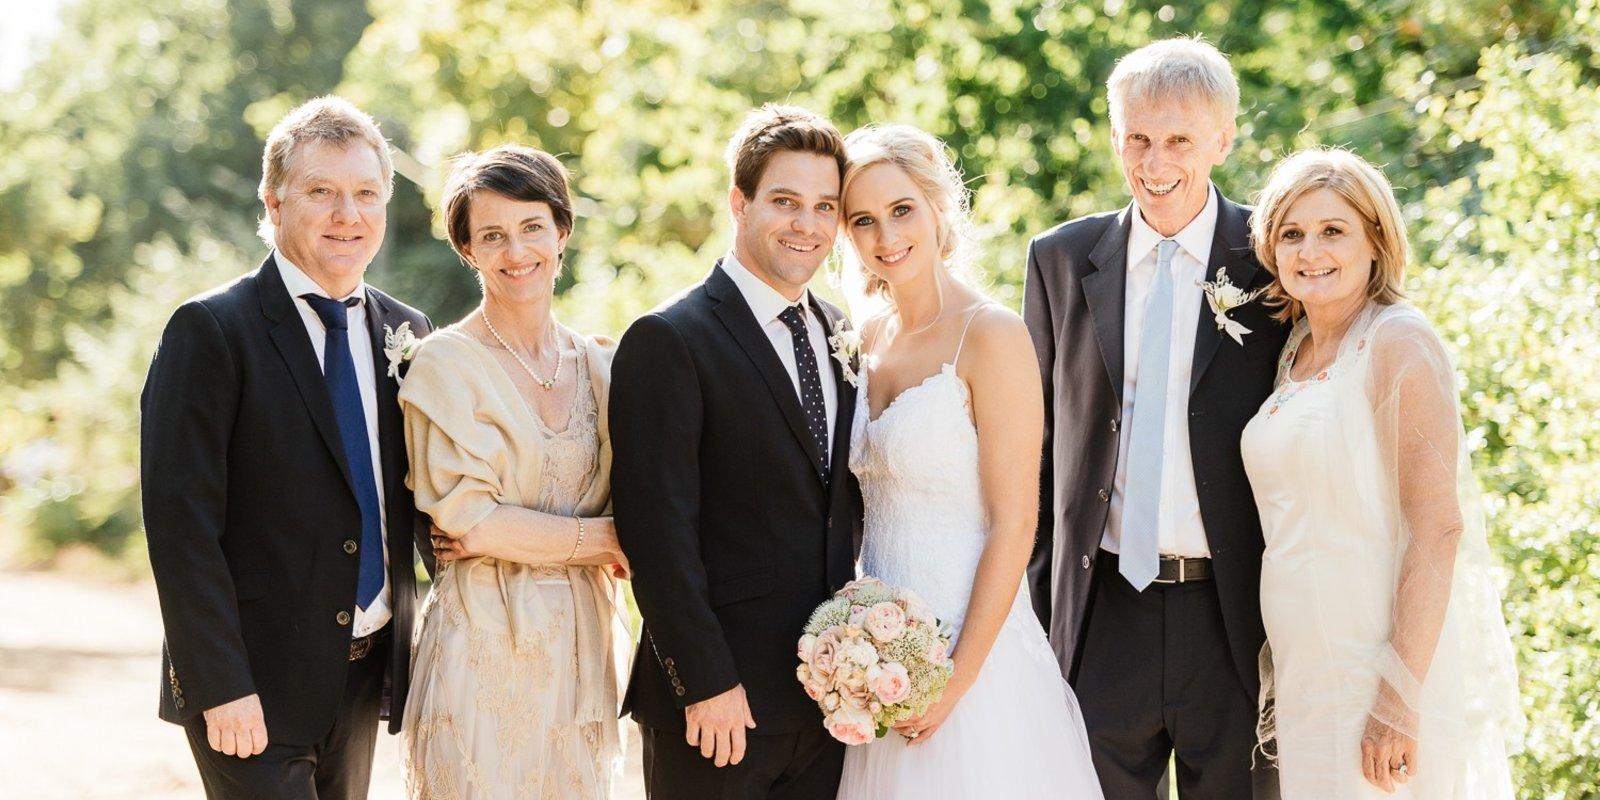 geeignet für Männer/Frauen Sonderverkäufe weit verbreitet Was trage ich zur Hochzeit als Gast?